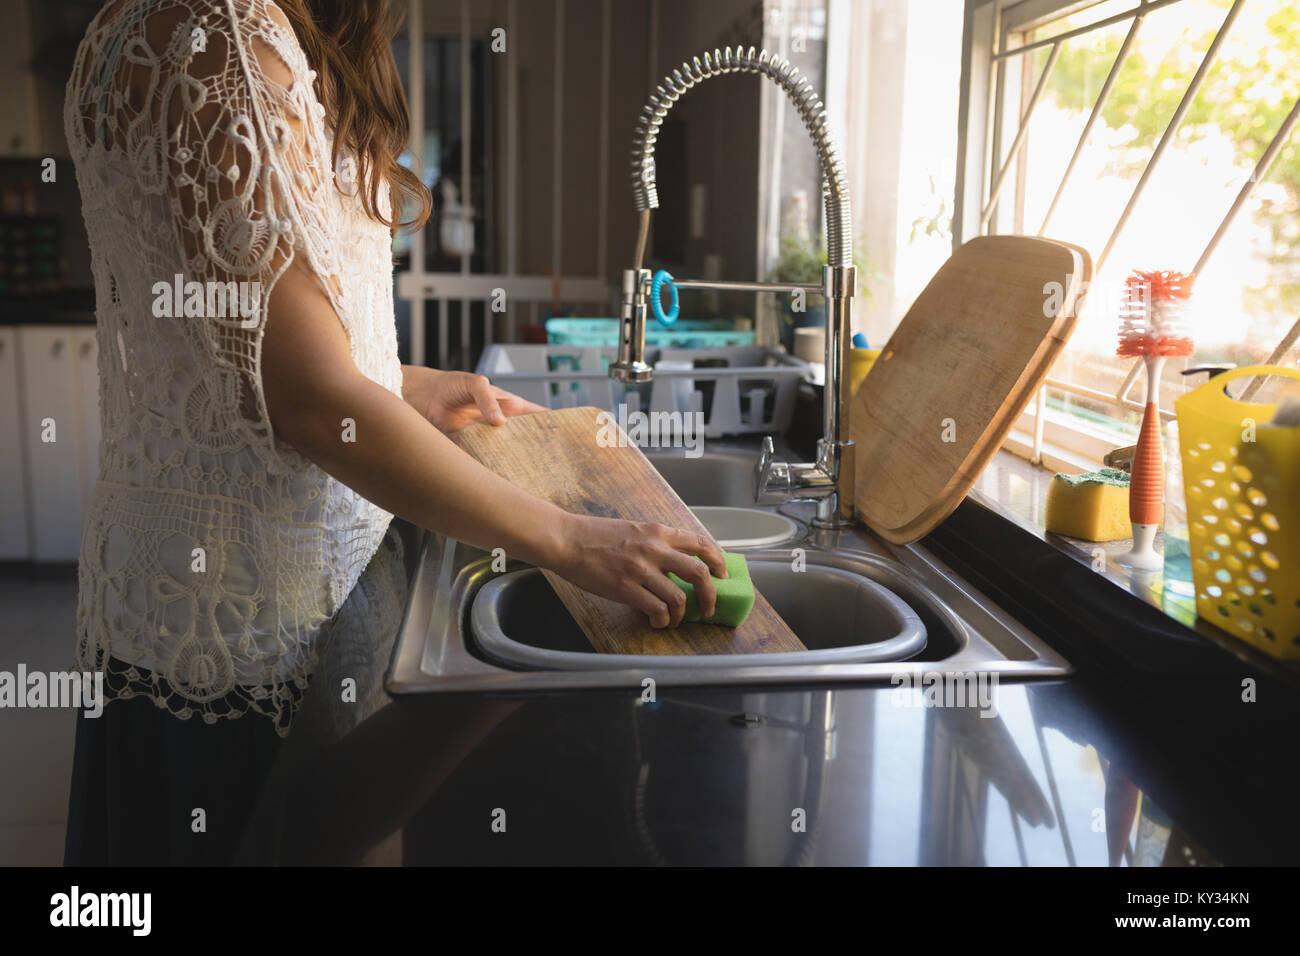 Woman washing cutting board in sink - Stock Image